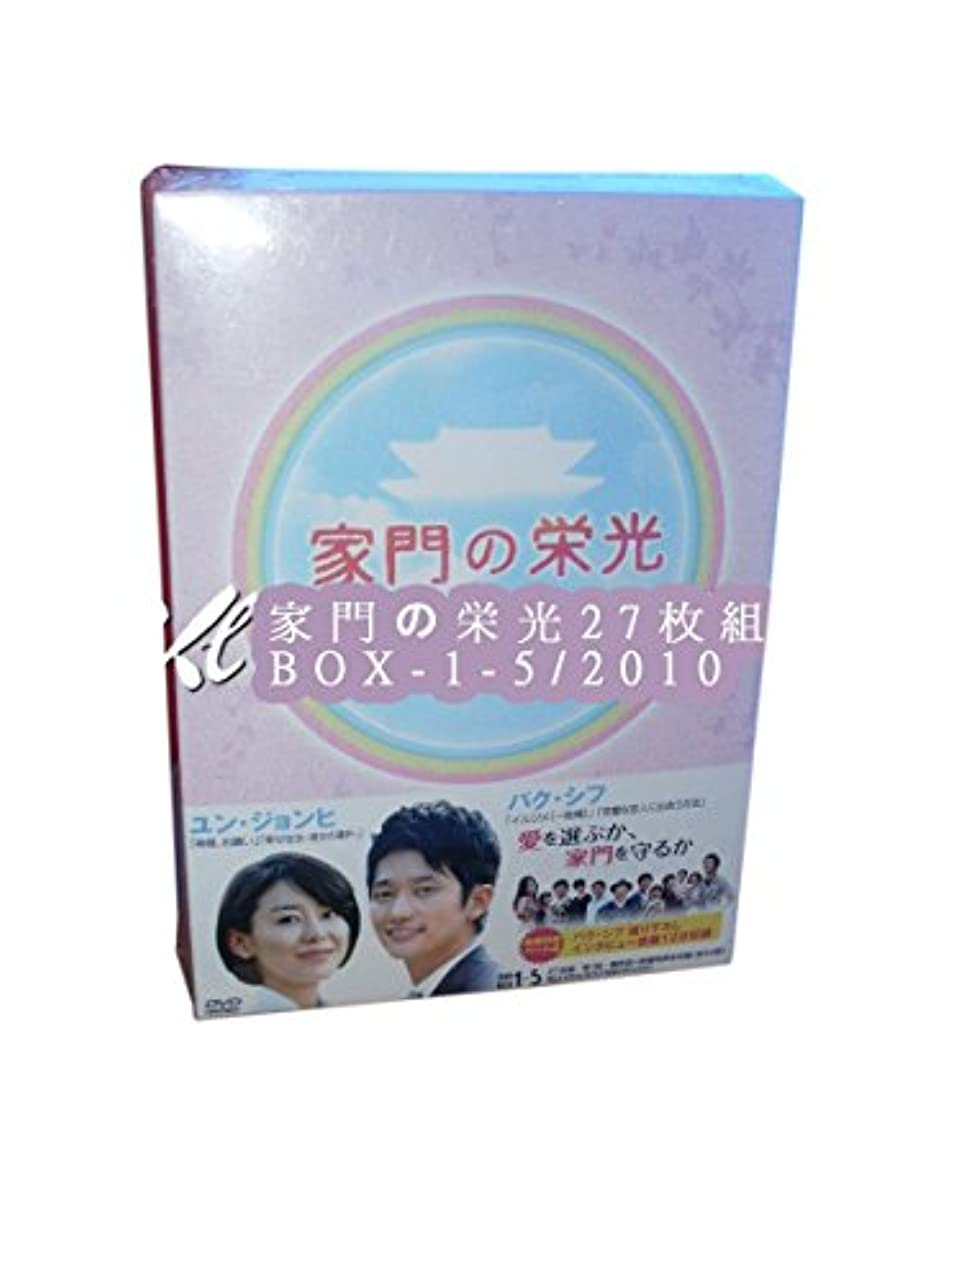 見通し騒ぎ買収家門の栄光 BOX1-5 2010